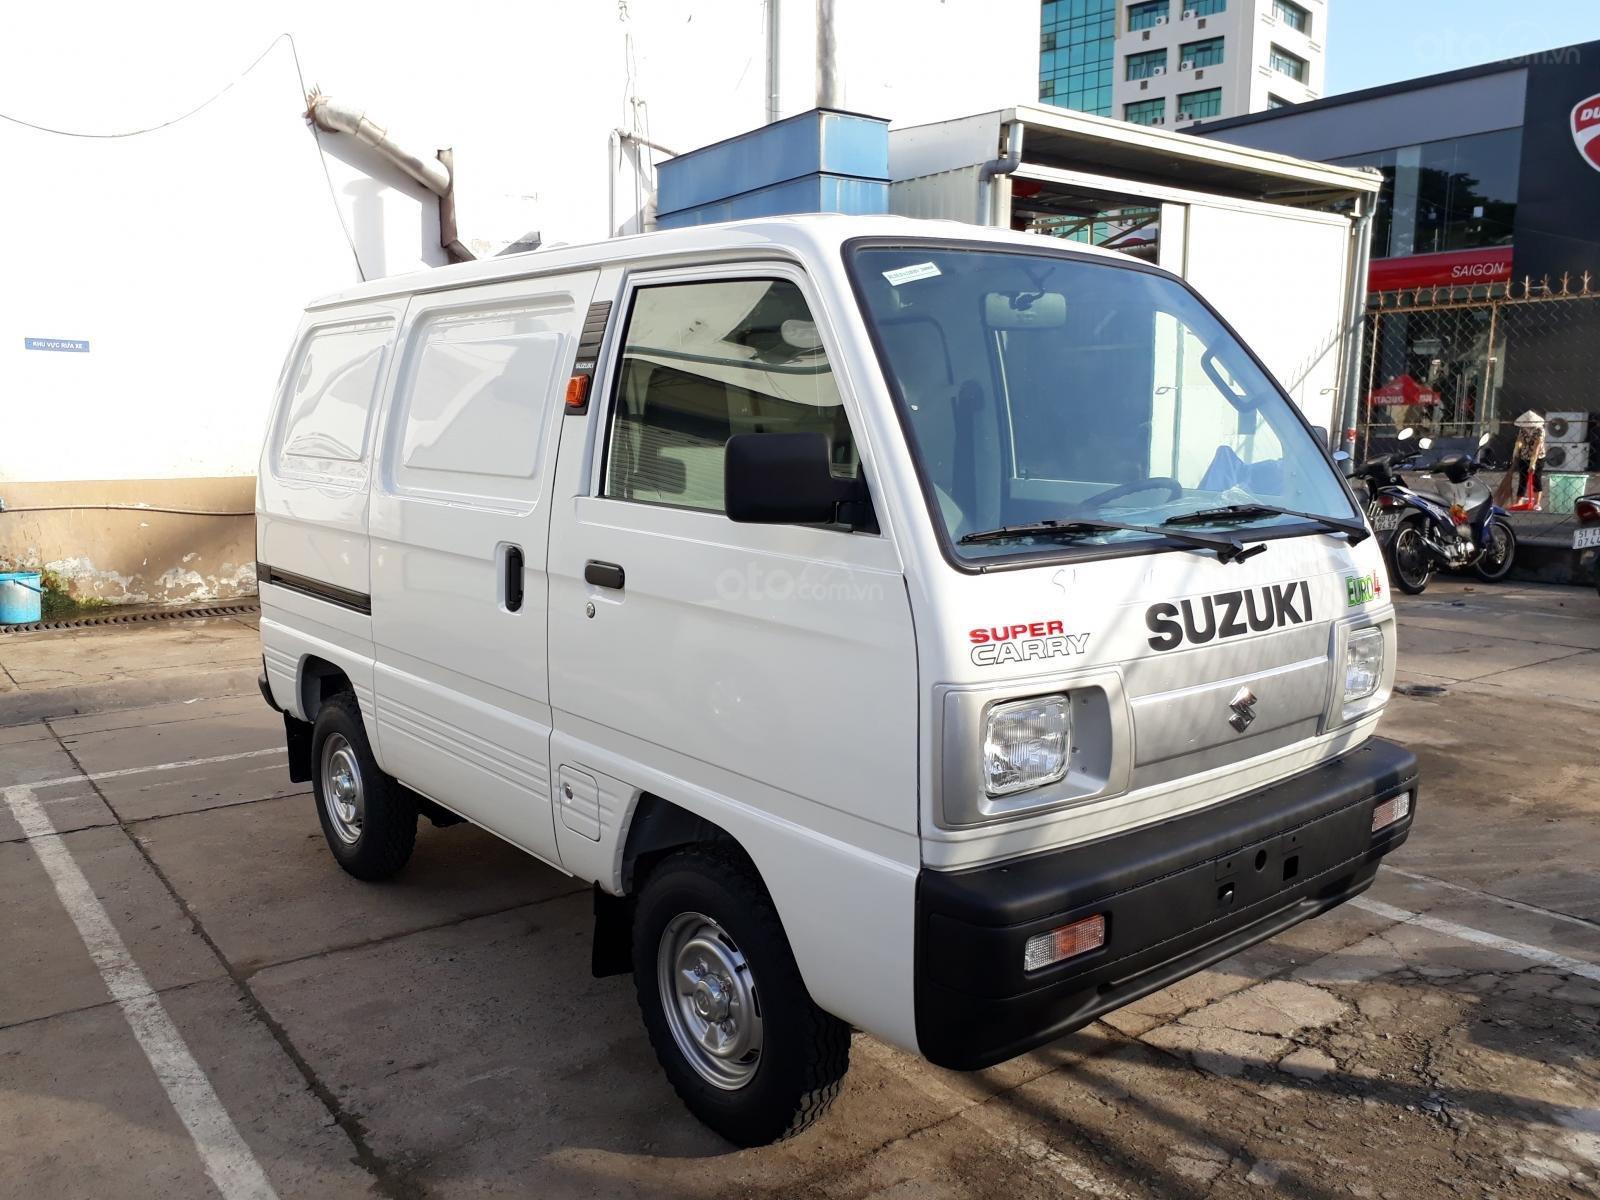 Xe bán tải Suzuki Blind Van lưu thông 24/24, ưu đãi 100% thuế trước bạ (1)